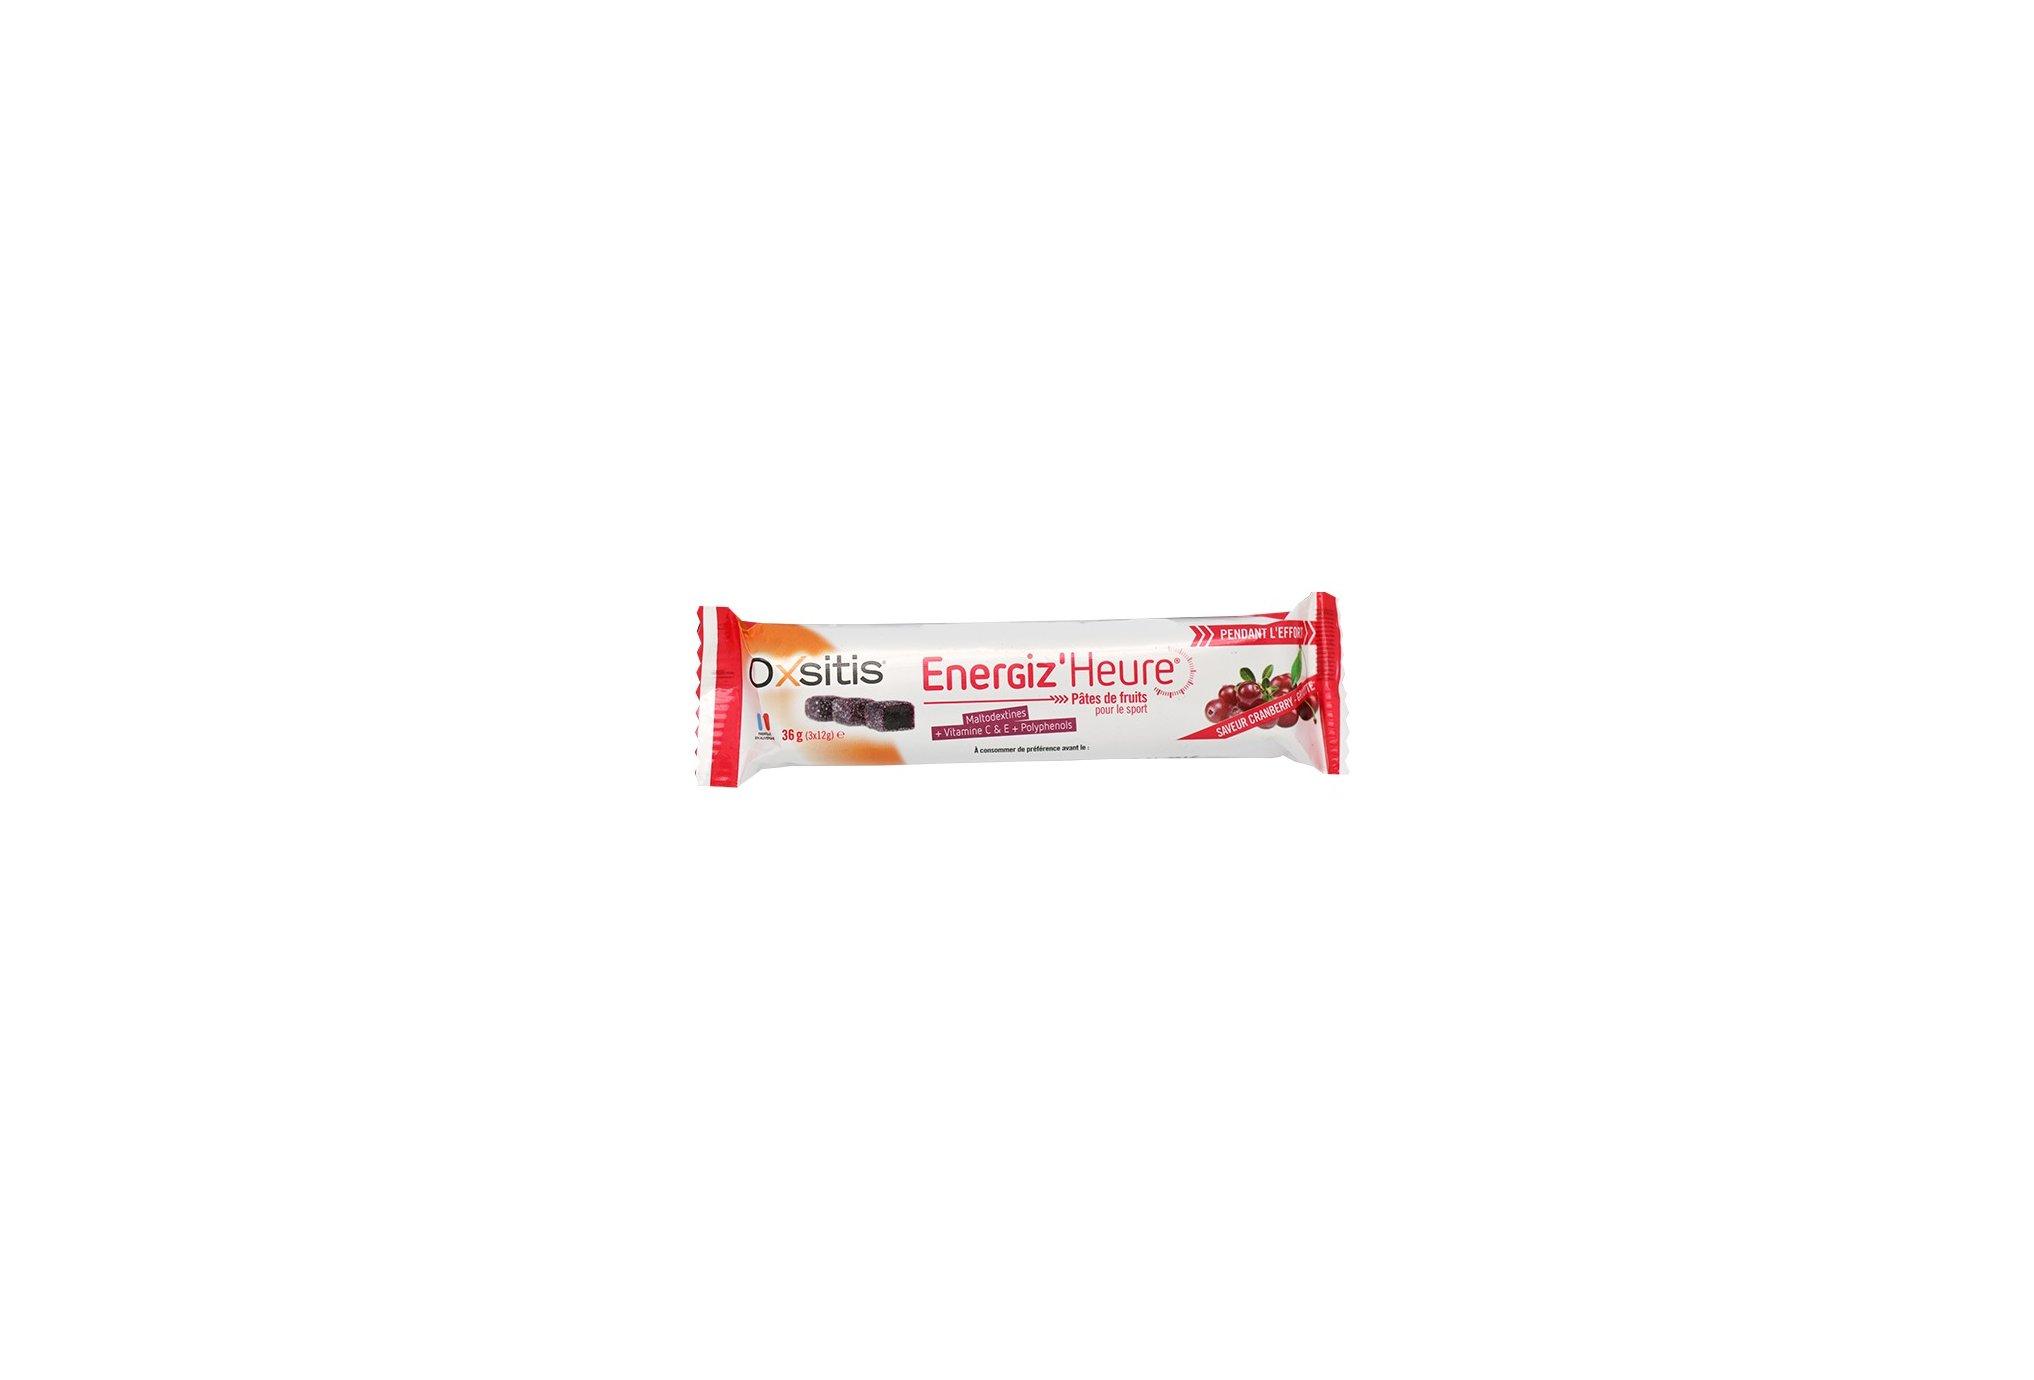 Oxsitis Pâte de Fruits Energiz'Heure - Cranberry/Griotte Diététique Barres